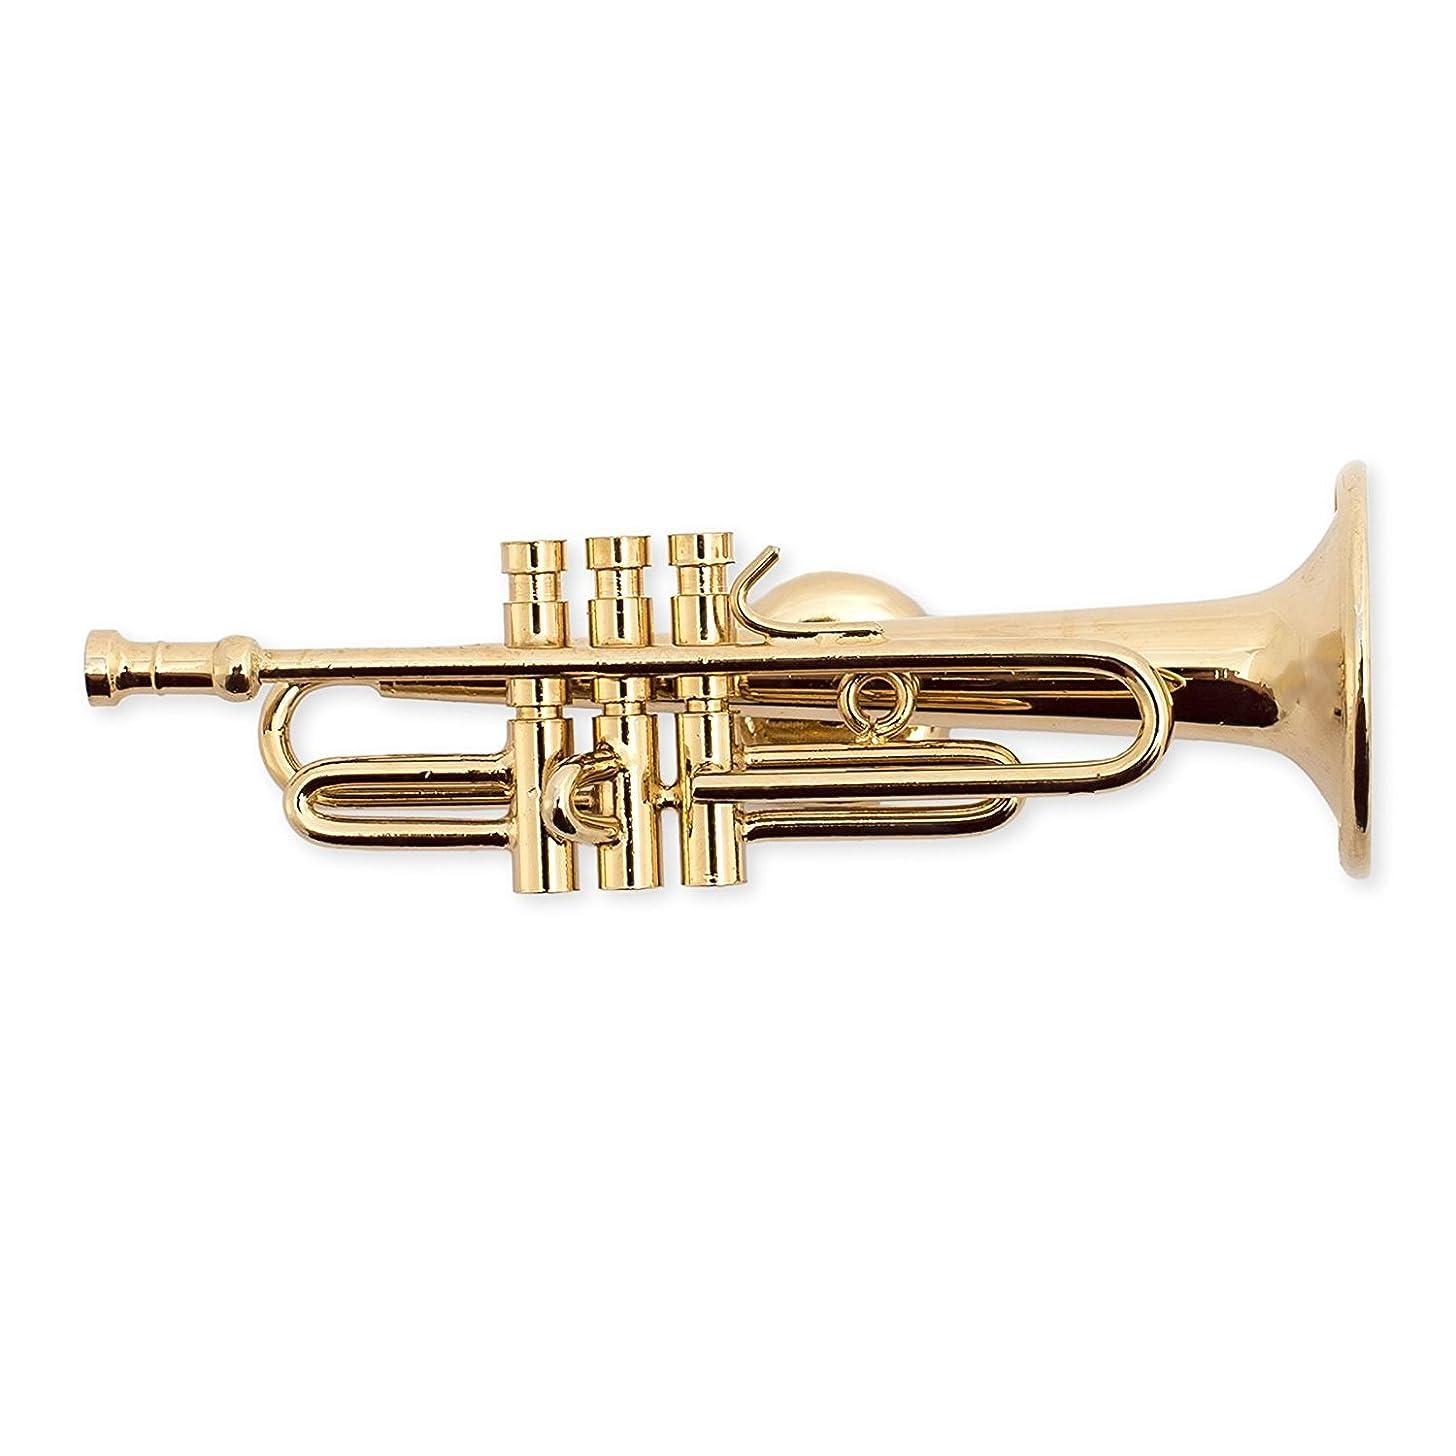 Gold Trumpet Miniature Replica Magnet, Size 2.5 inch